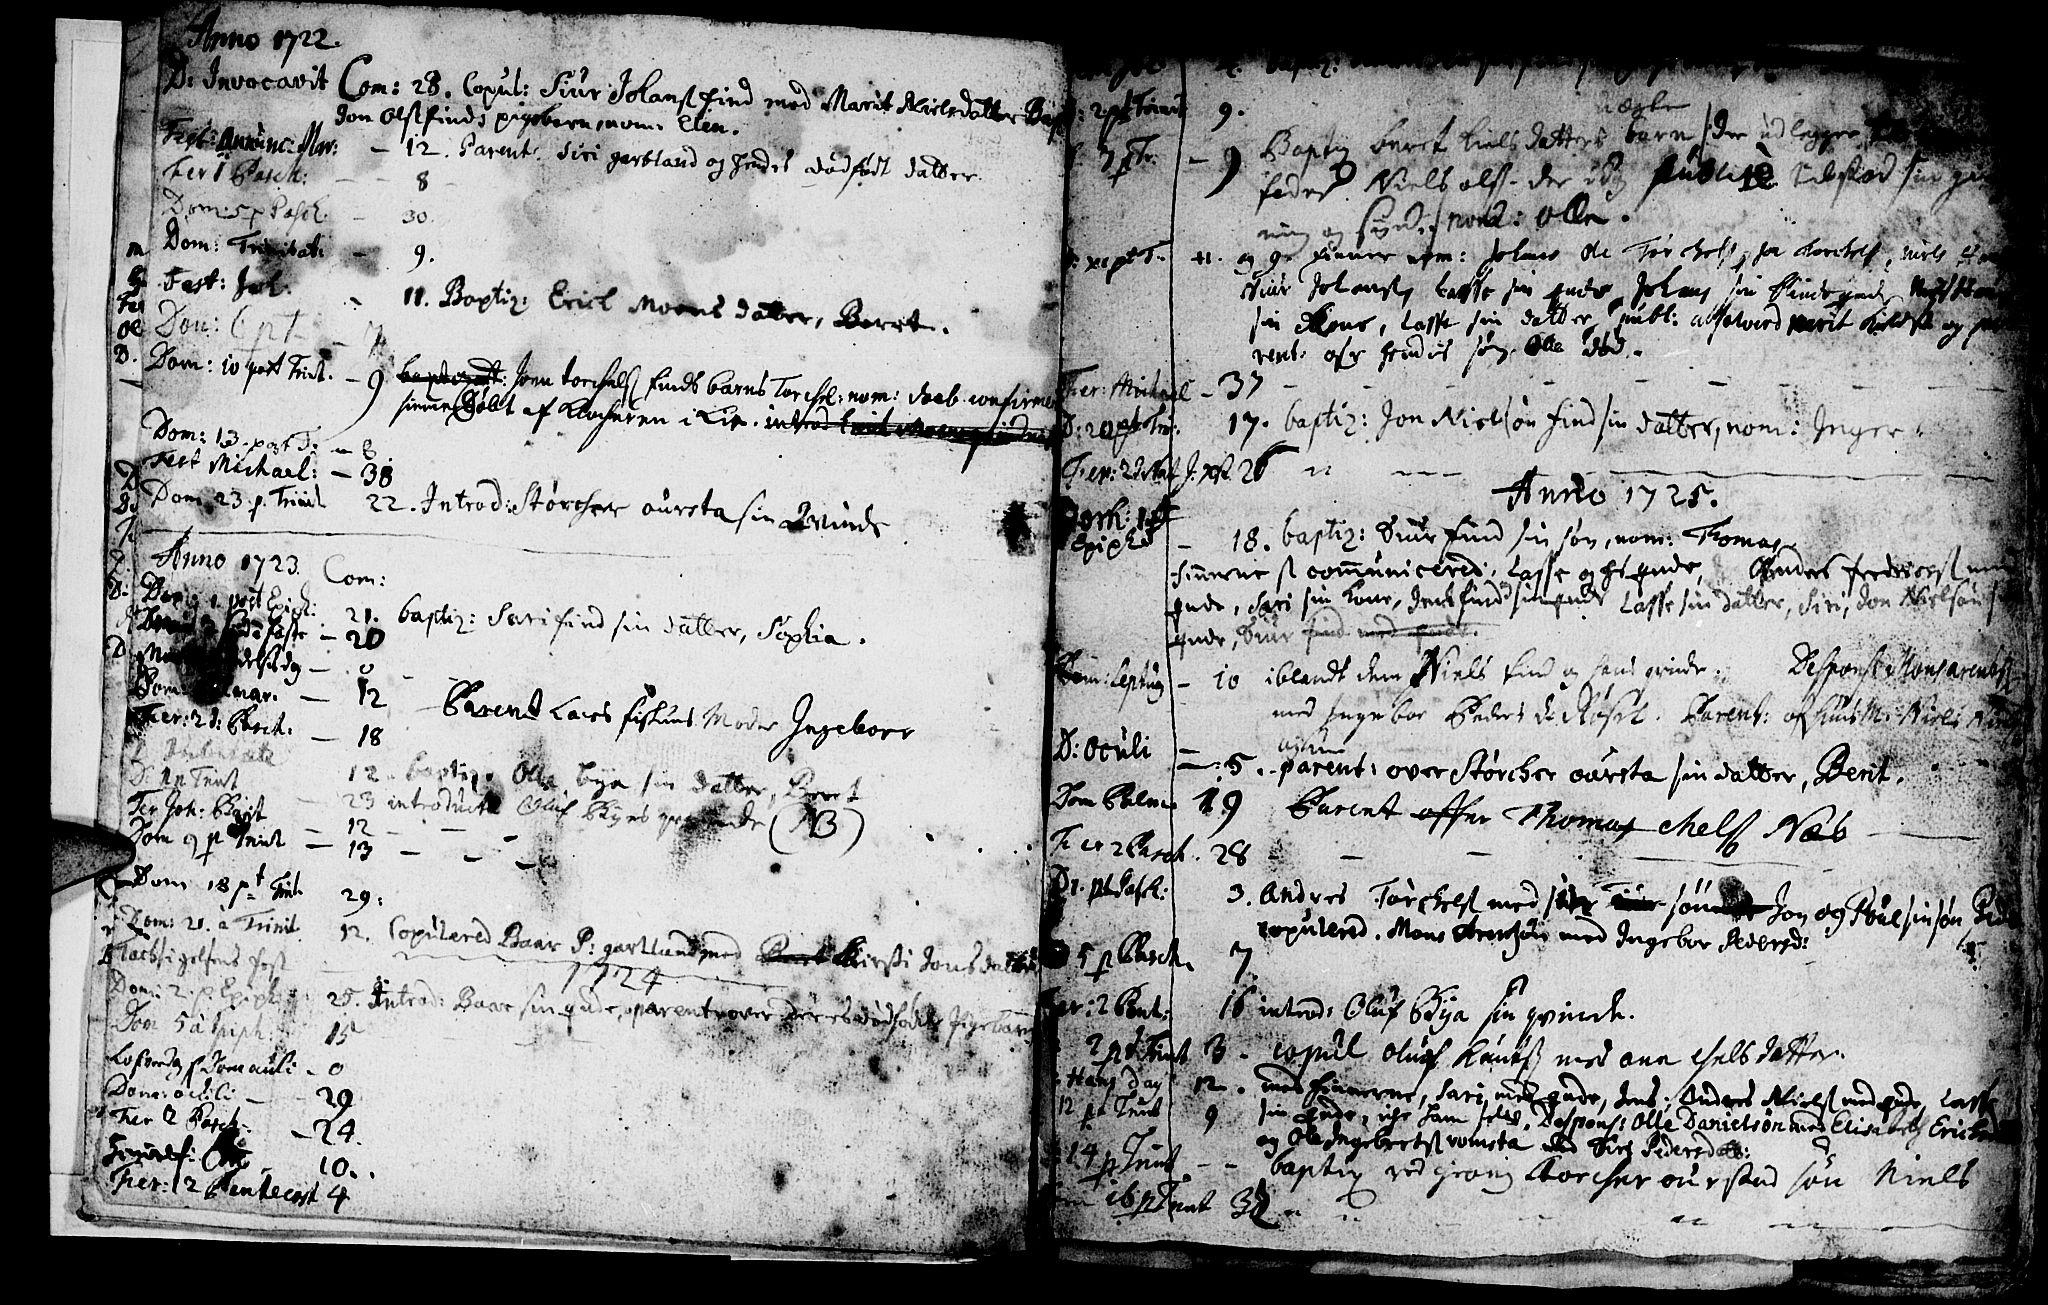 SAT, Ministerialprotokoller, klokkerbøker og fødselsregistre - Nord-Trøndelag, 759/L0525: Ministerialbok nr. 759A01, 1706-1748, s. 5